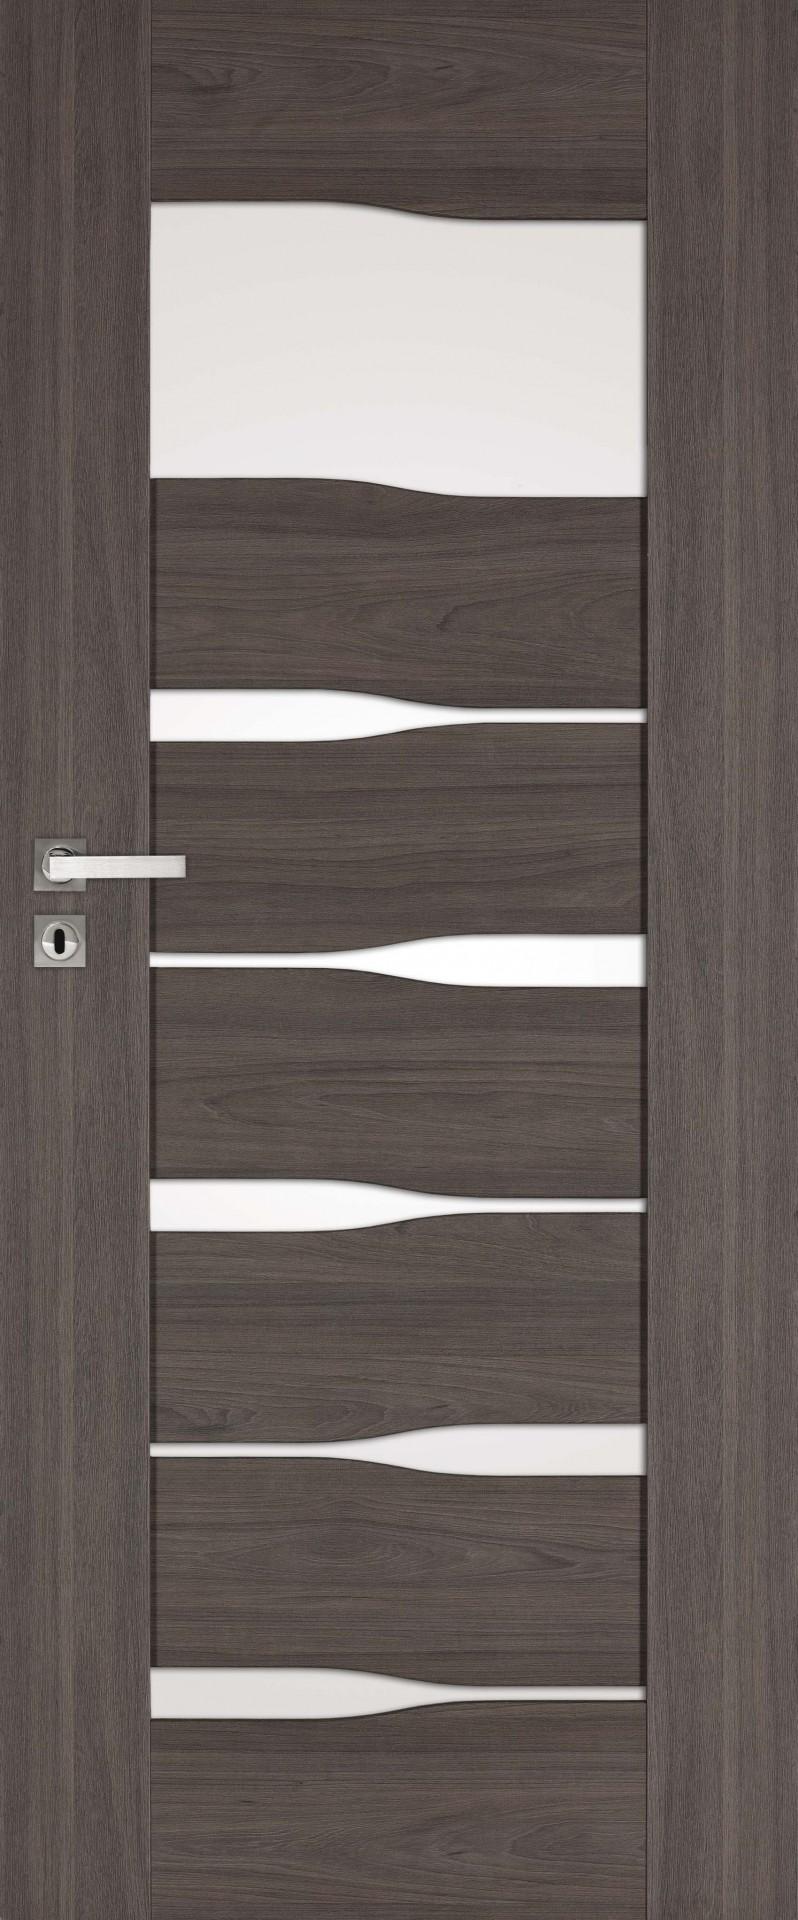 Dre dveře EMENA 1, Šíře v cm 80